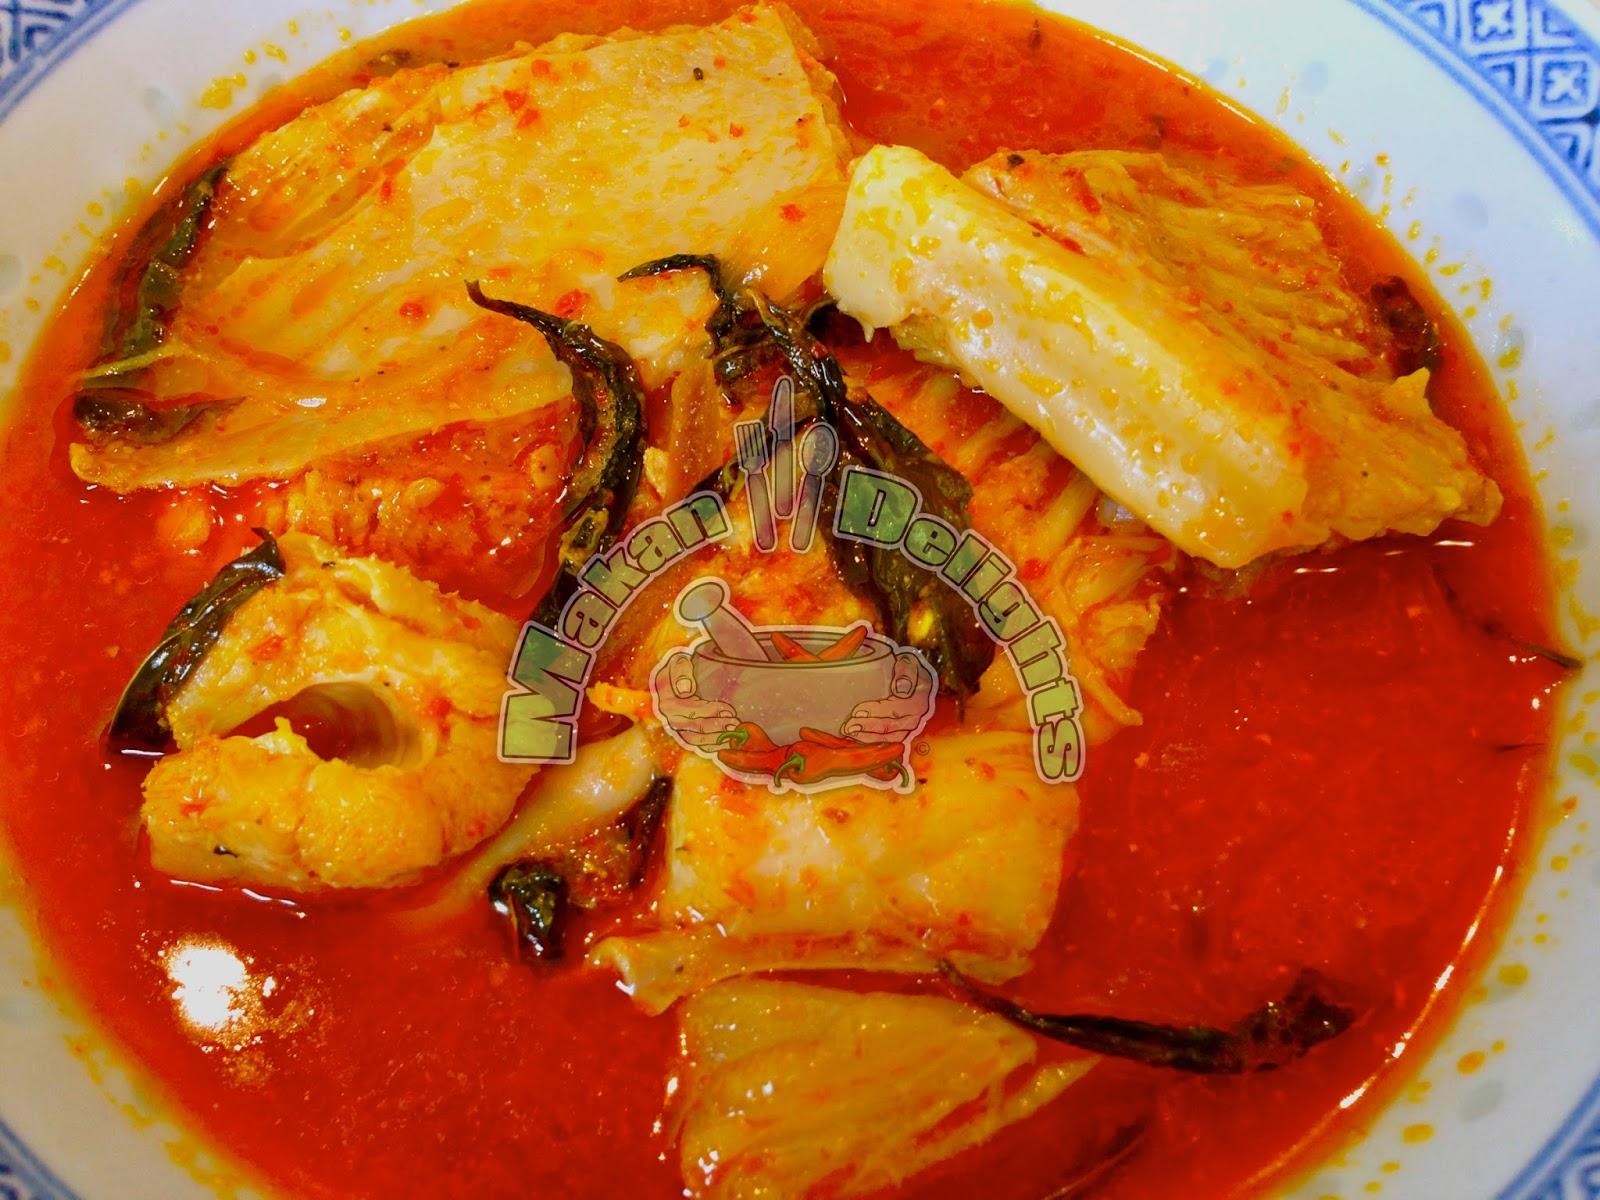 resepi ikan pari masak asam pedas simple resep bunda erita Resepi Ikan Pari Bakar Melaka Enak dan Mudah